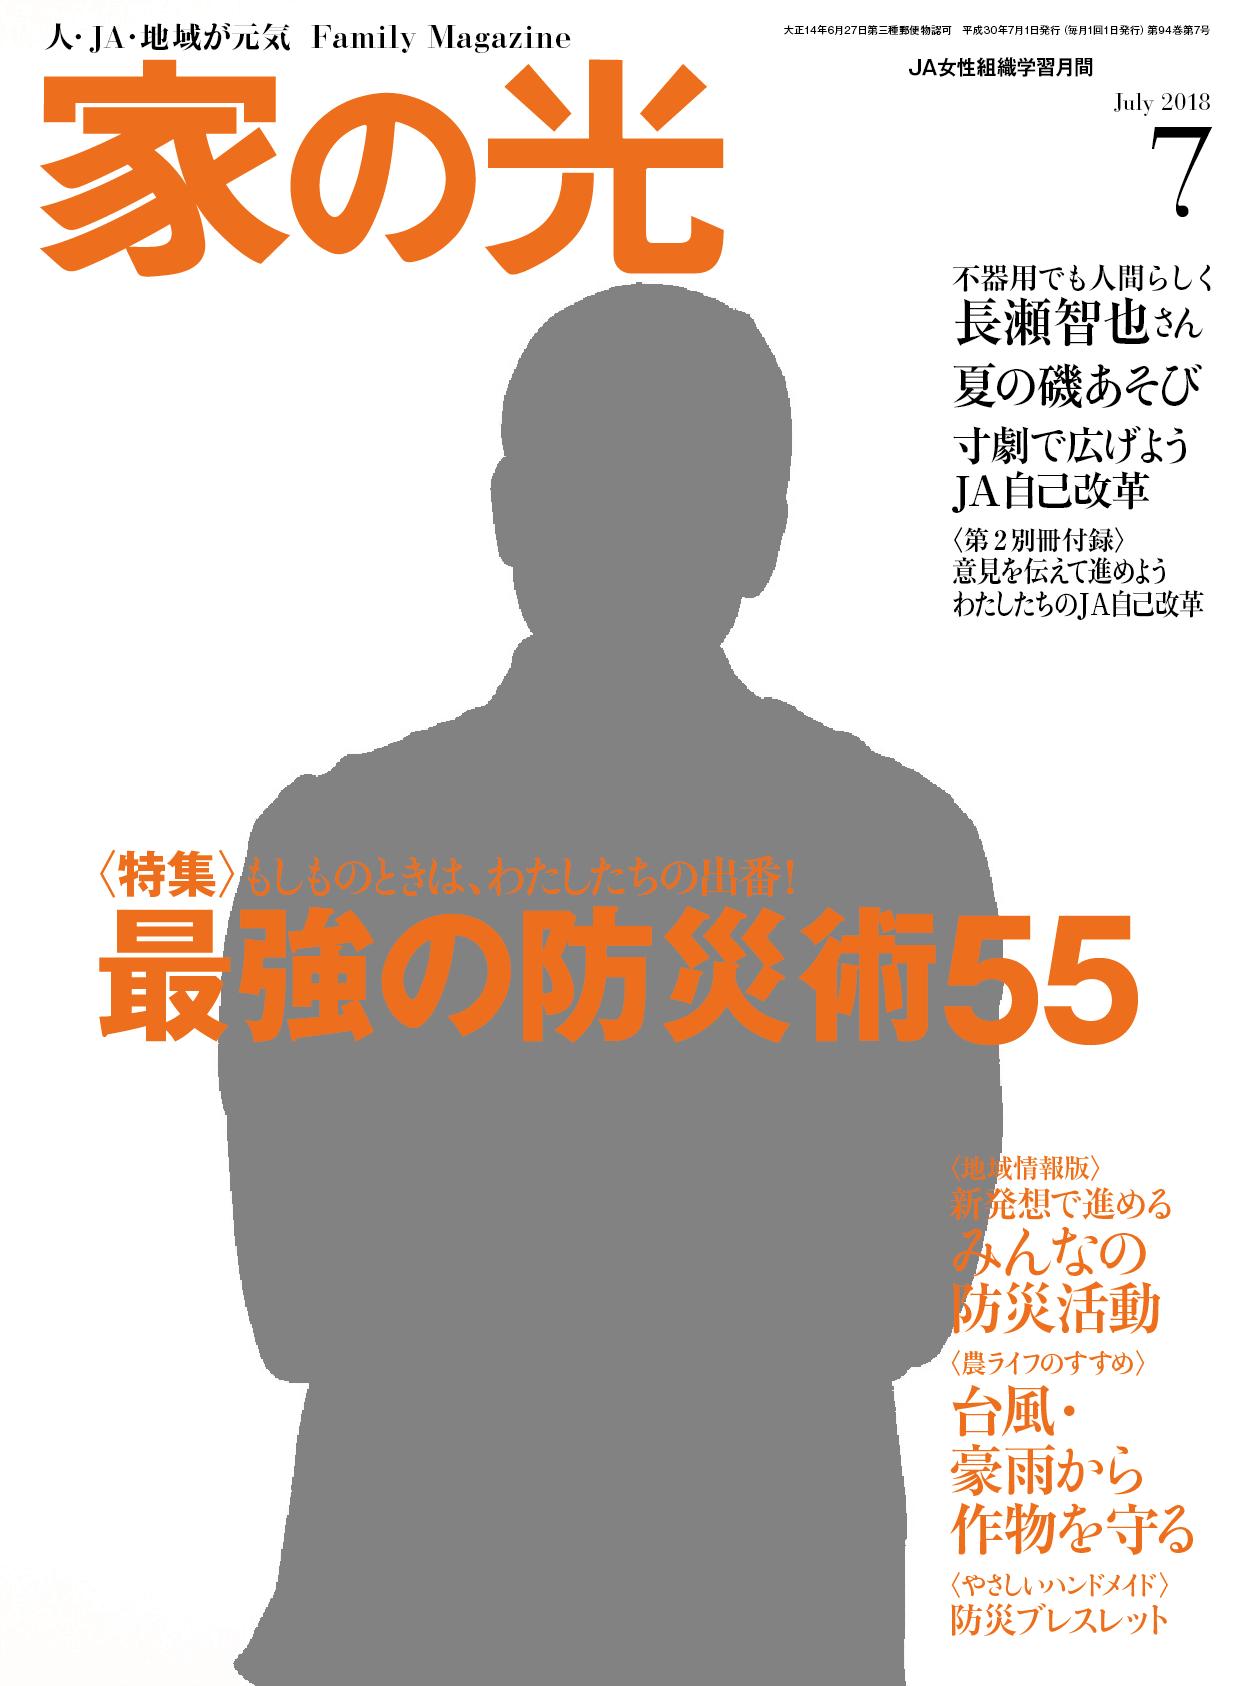 家の光7月号 6月1日発行